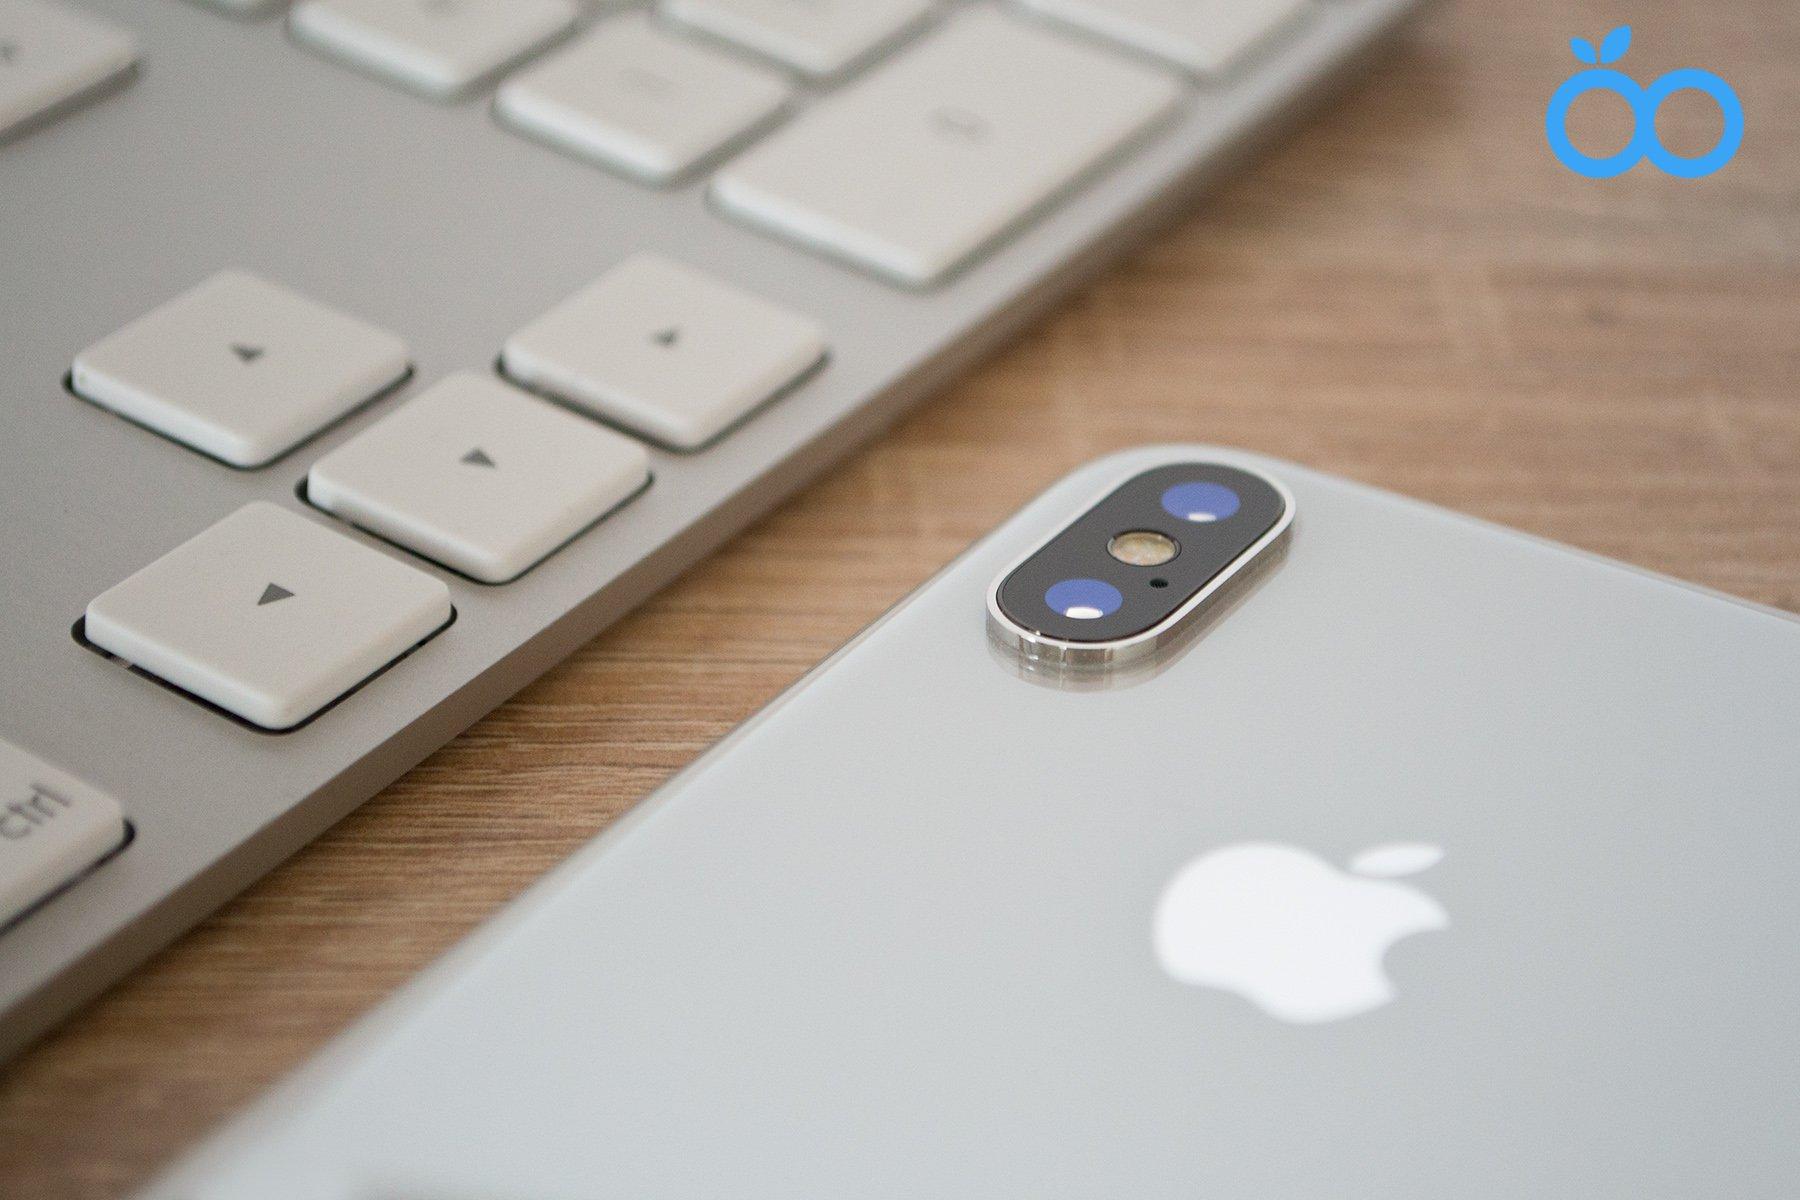 Focos: s touto aplikací vymáčknete z duálního fotoaparátu maximum